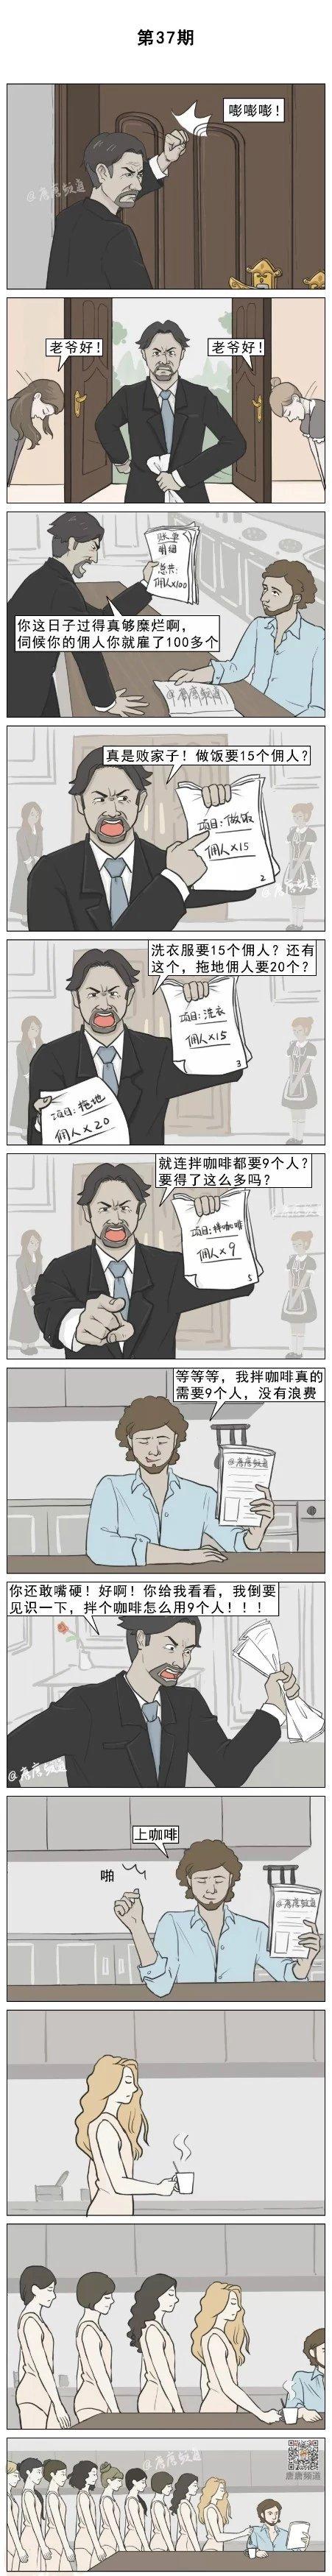 内涵视频图片段子福利第81期:如云飘逸  福利社吧  图29